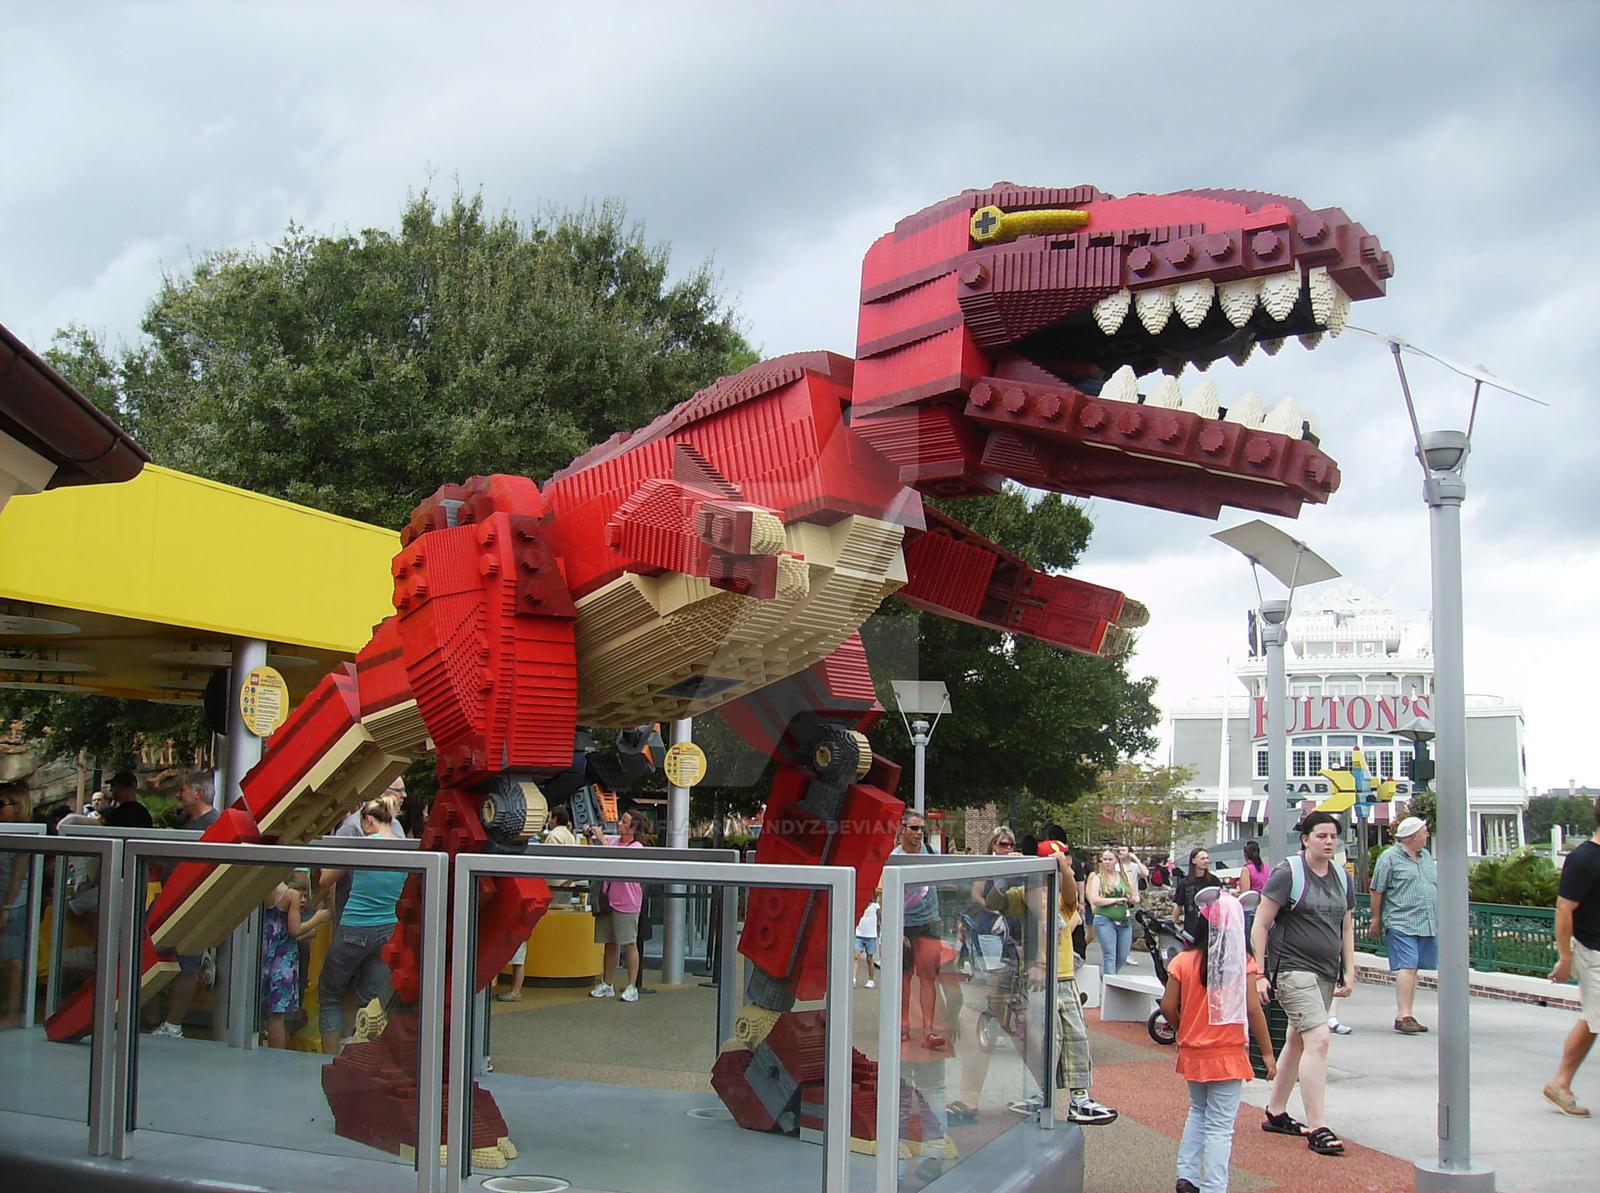 Lego Imagination World 3 TREX